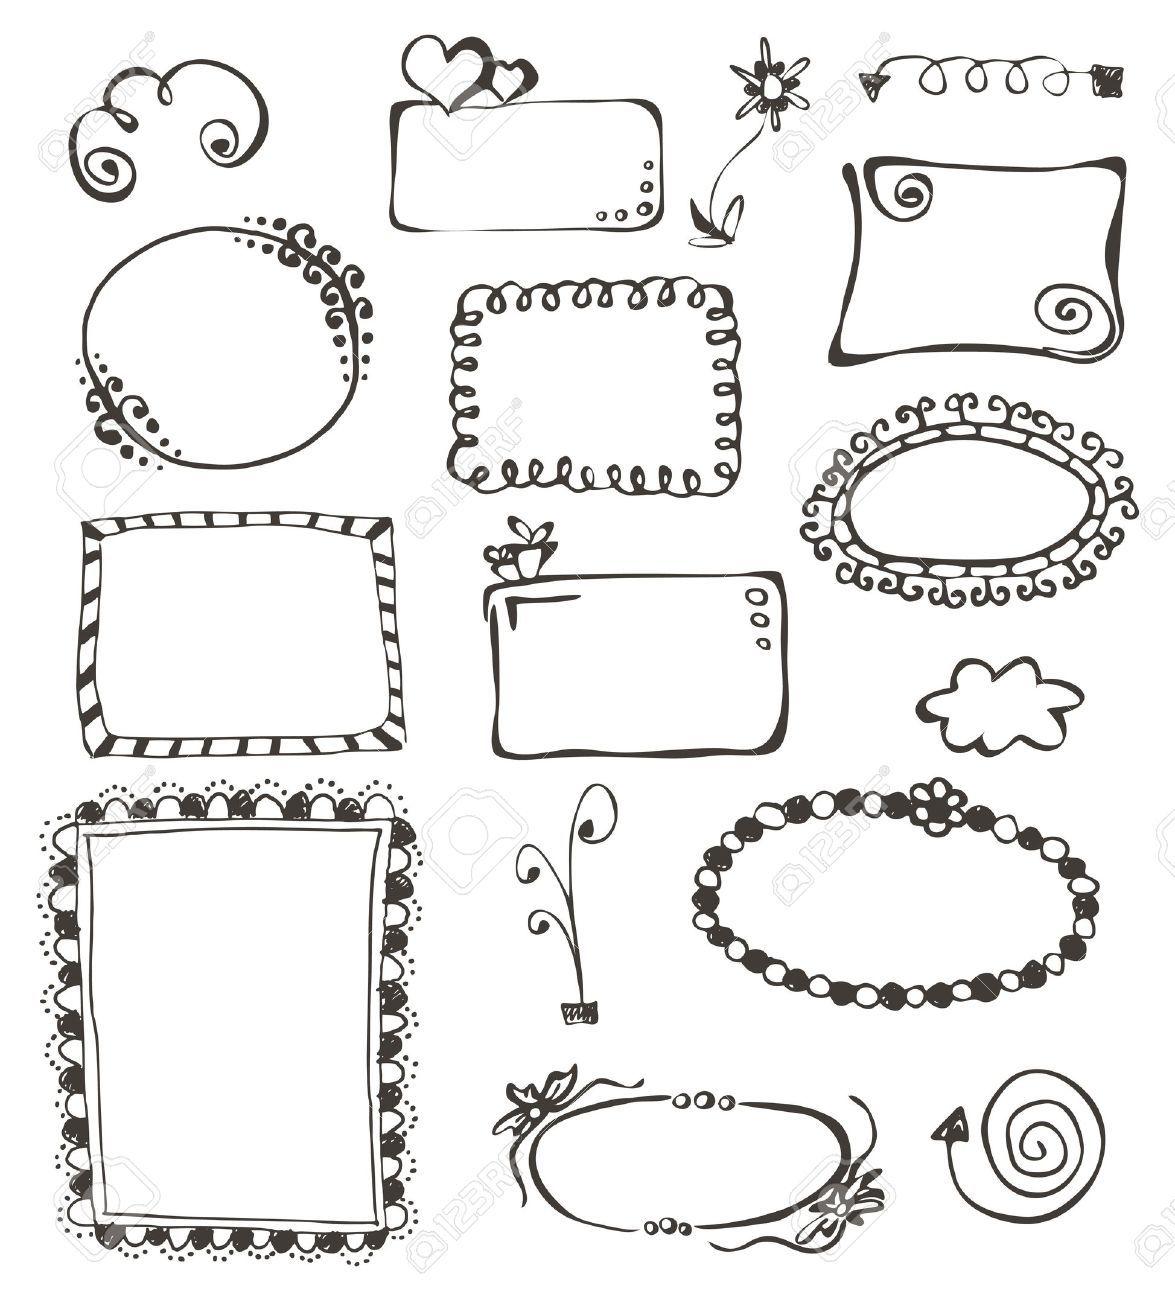 Magnifiek kaders en randen - Google zoeken   Doodles - Drawing frames, How #SA73